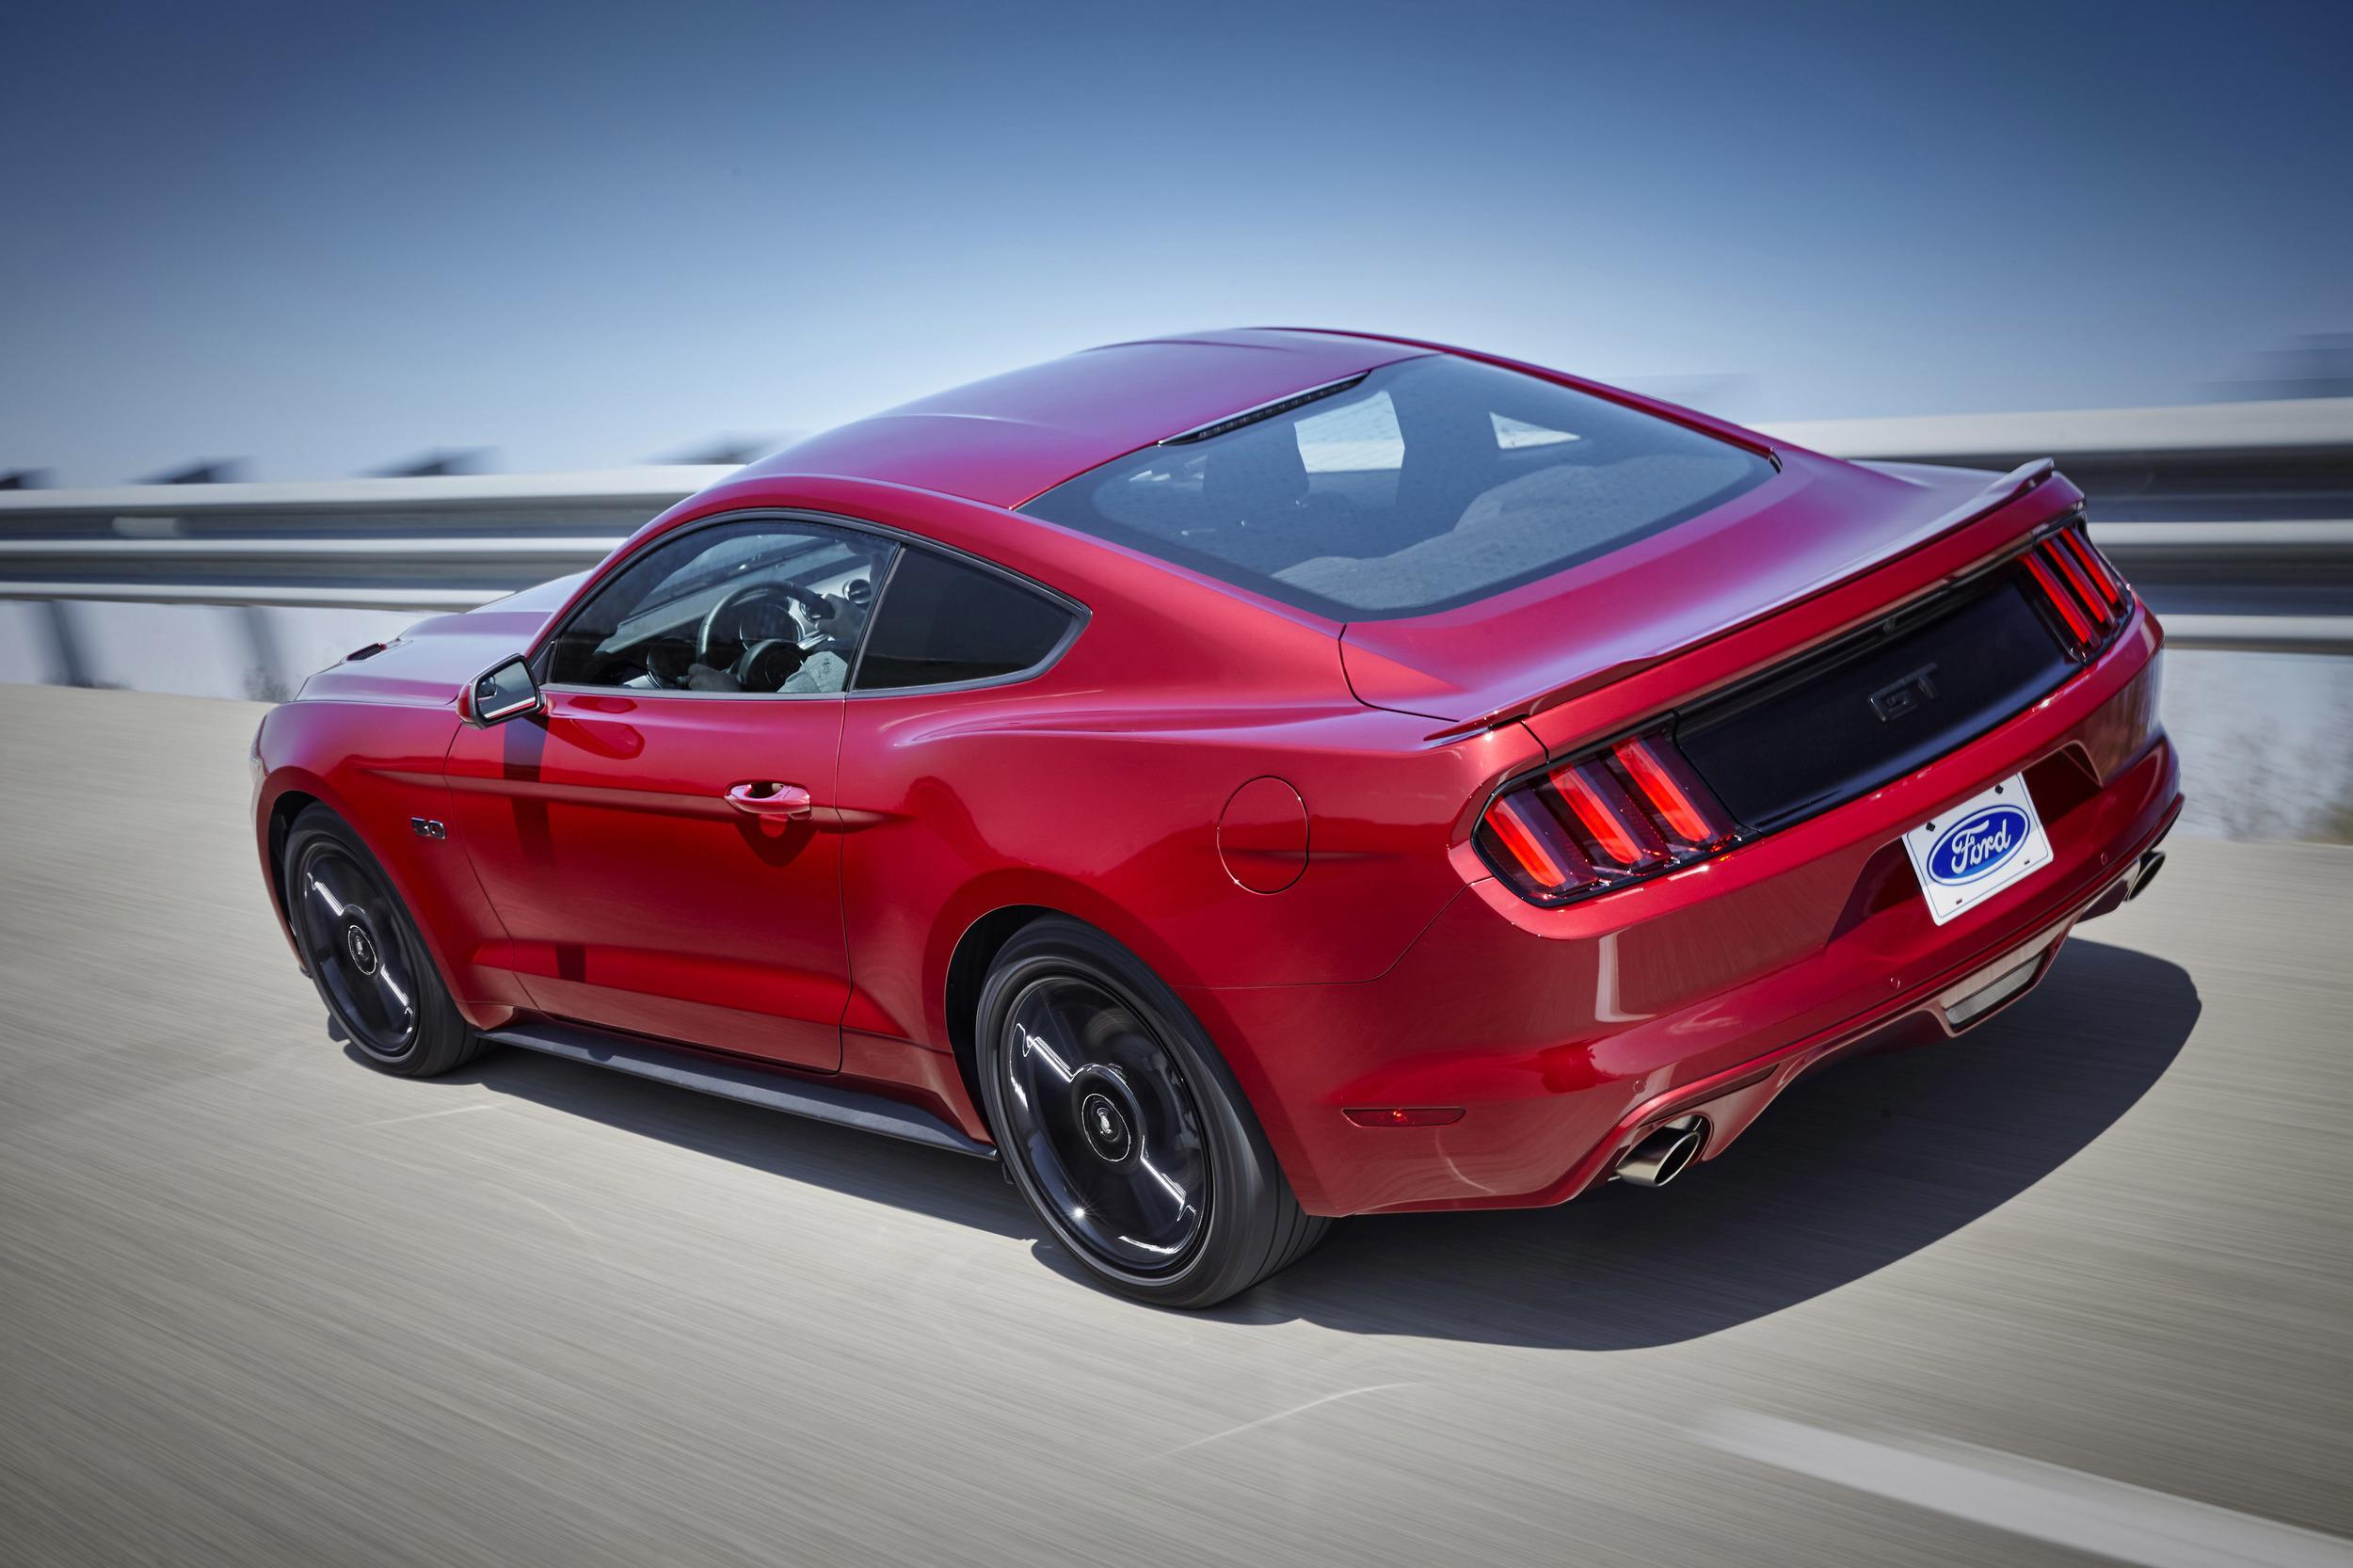 Mustang GT rear